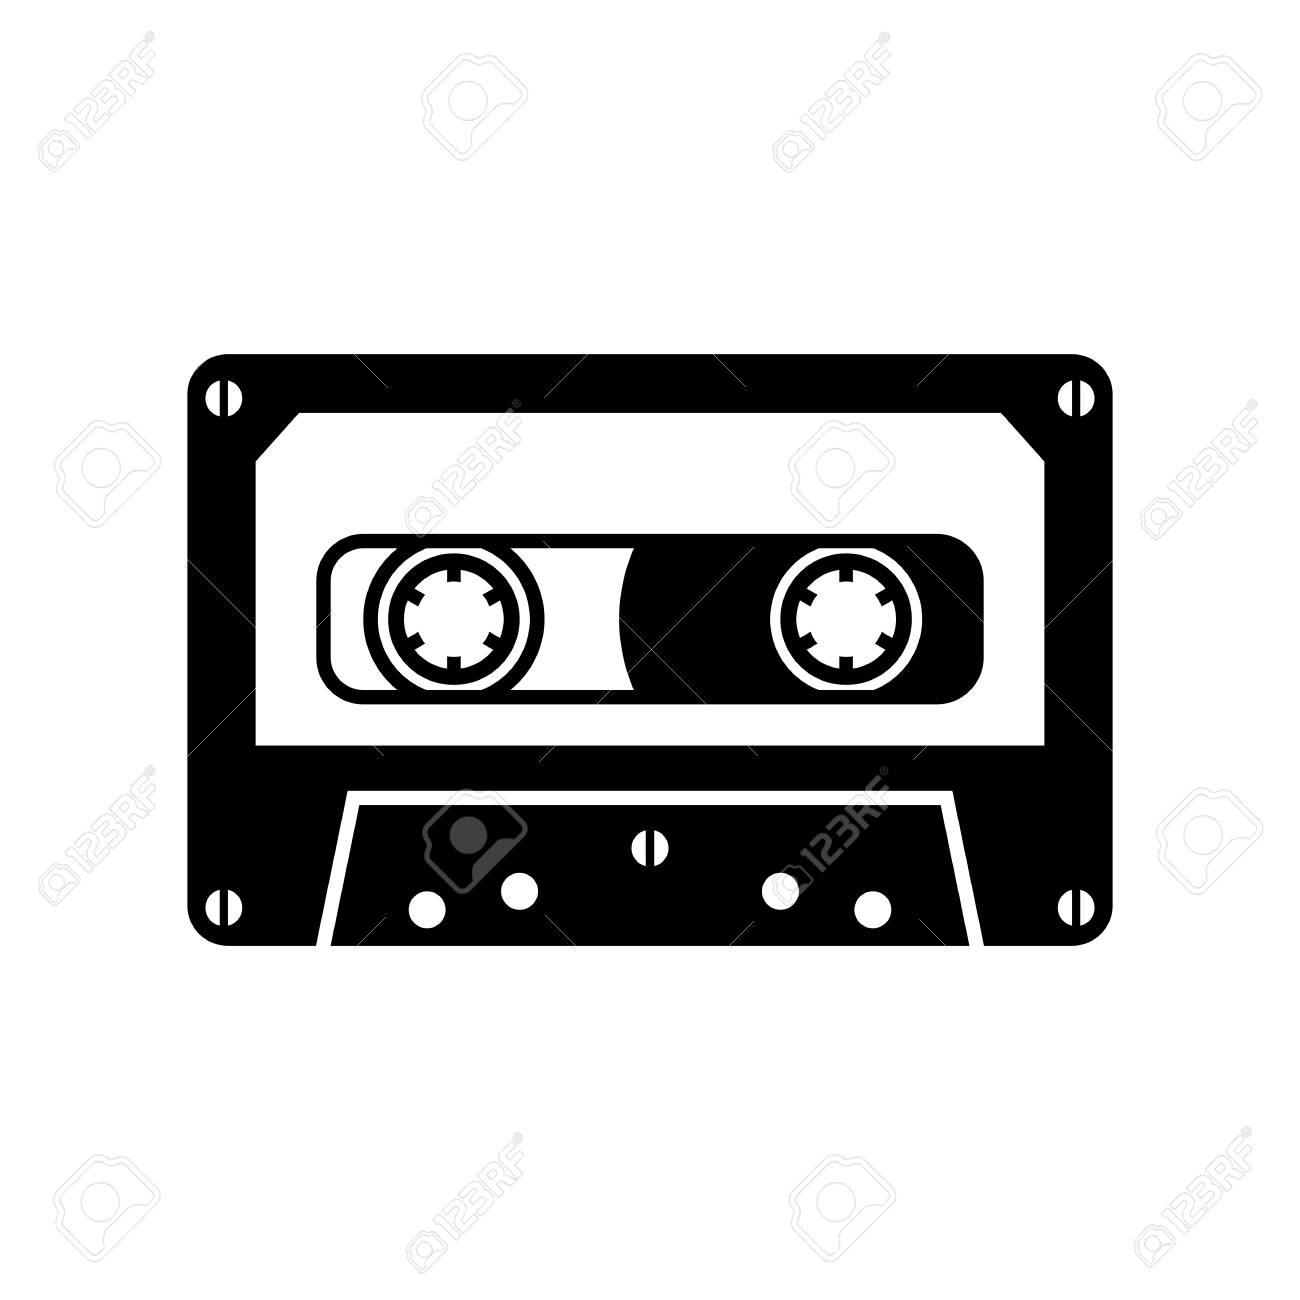 オーディオカセットテープ クリップアート切り張りイラスト絵画